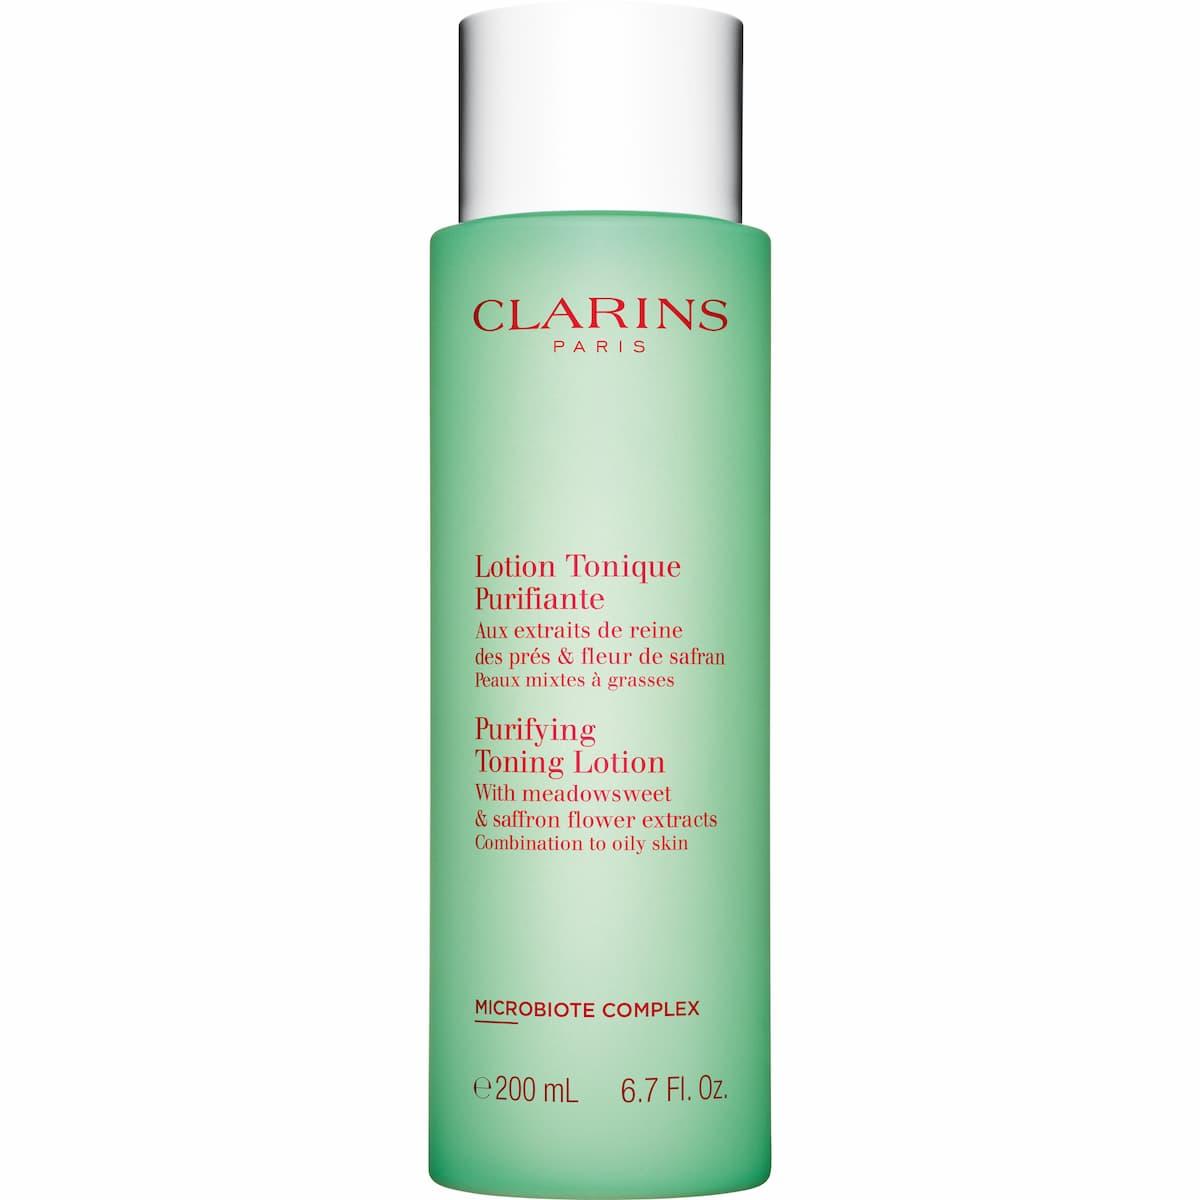 Lotion Tonique Purifiante - CLARINS